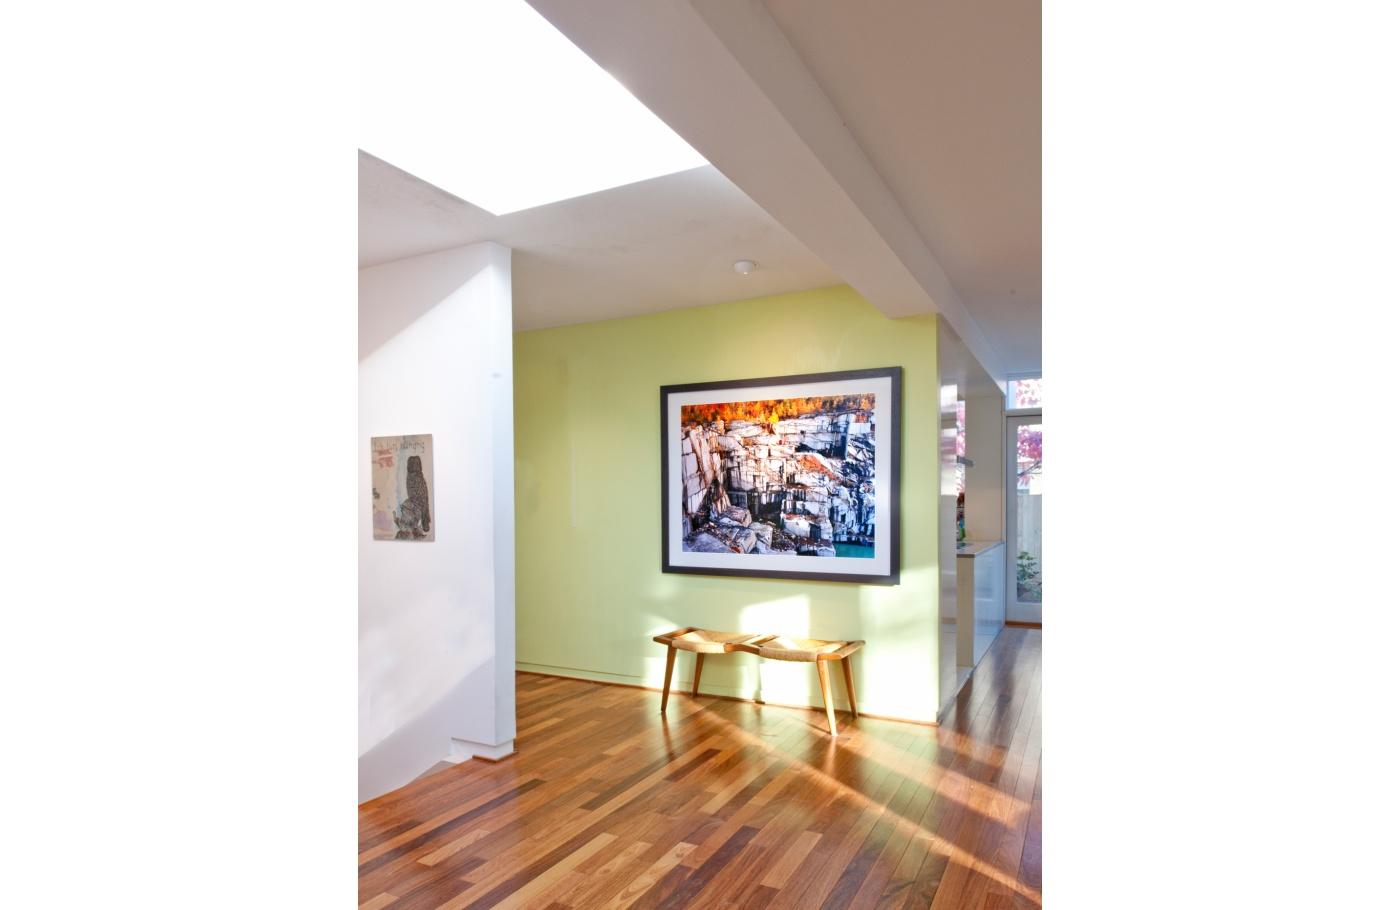 Artists (from left): Kiki Smith, Edward Burtynsky